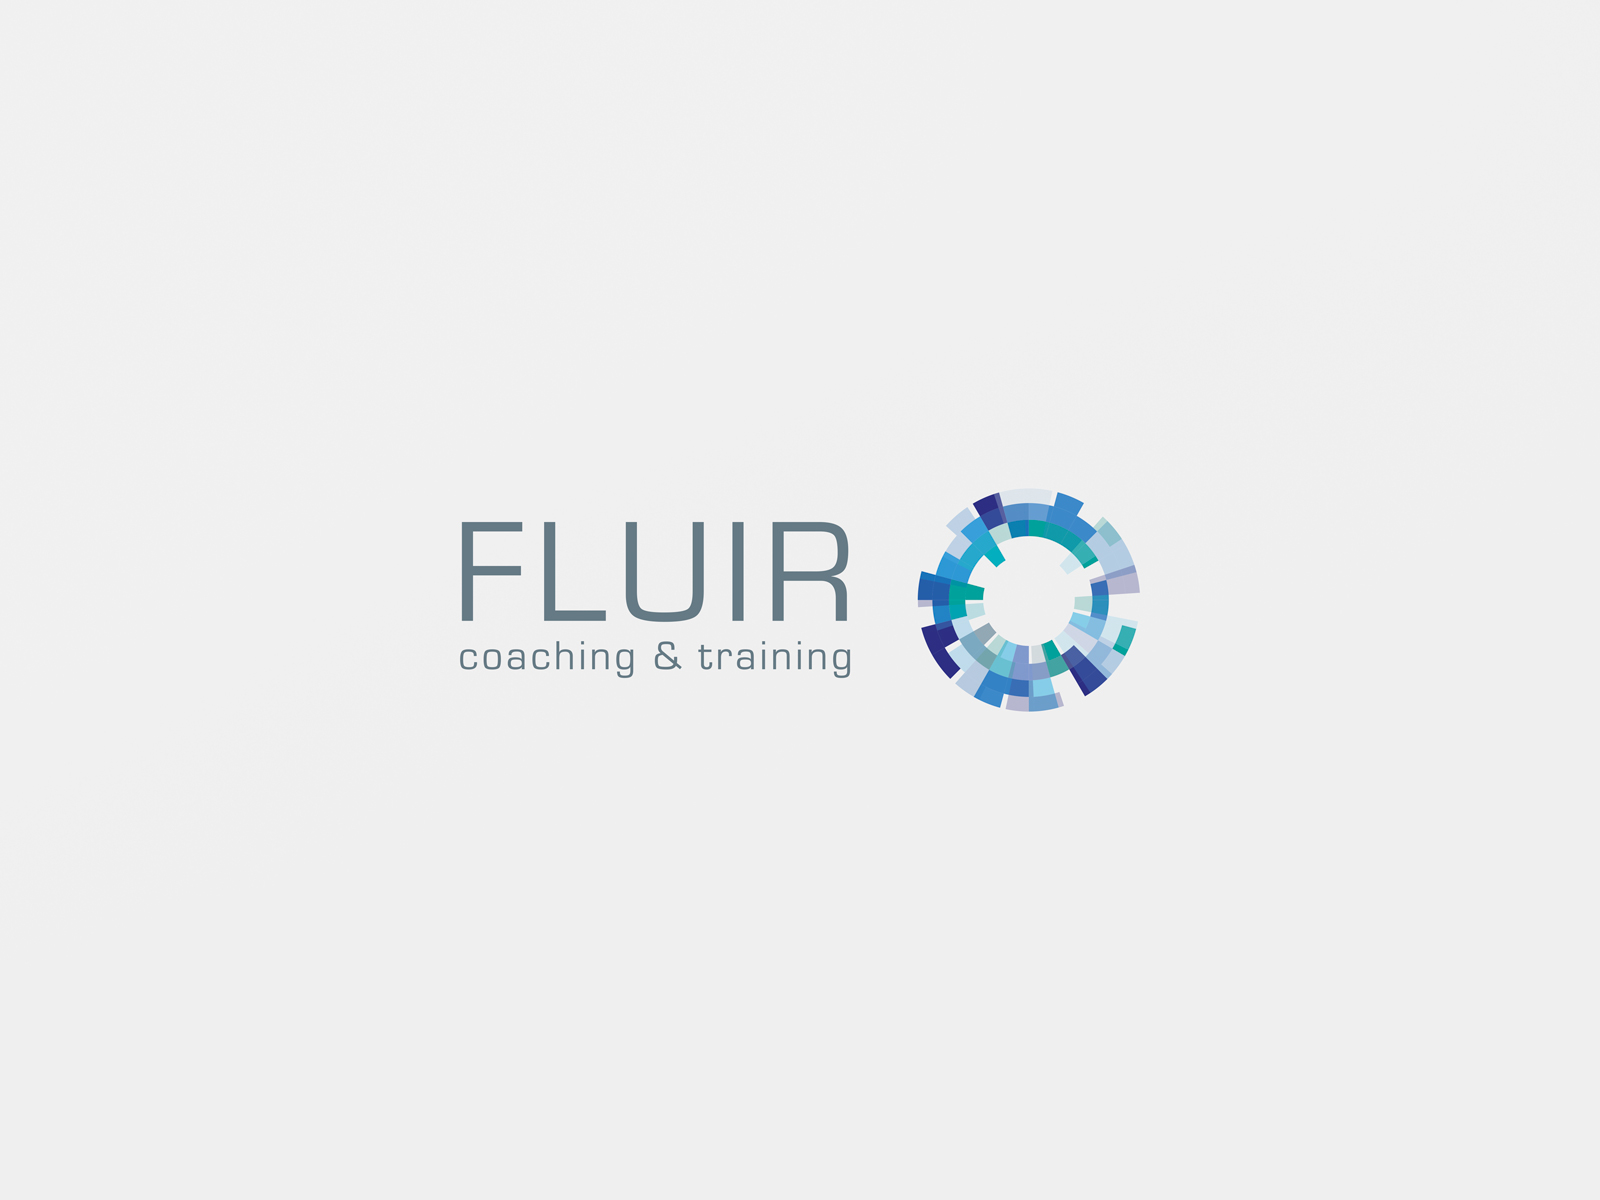 Beeldmarq - Grafische vormgeving & communicatie |Fluir logo